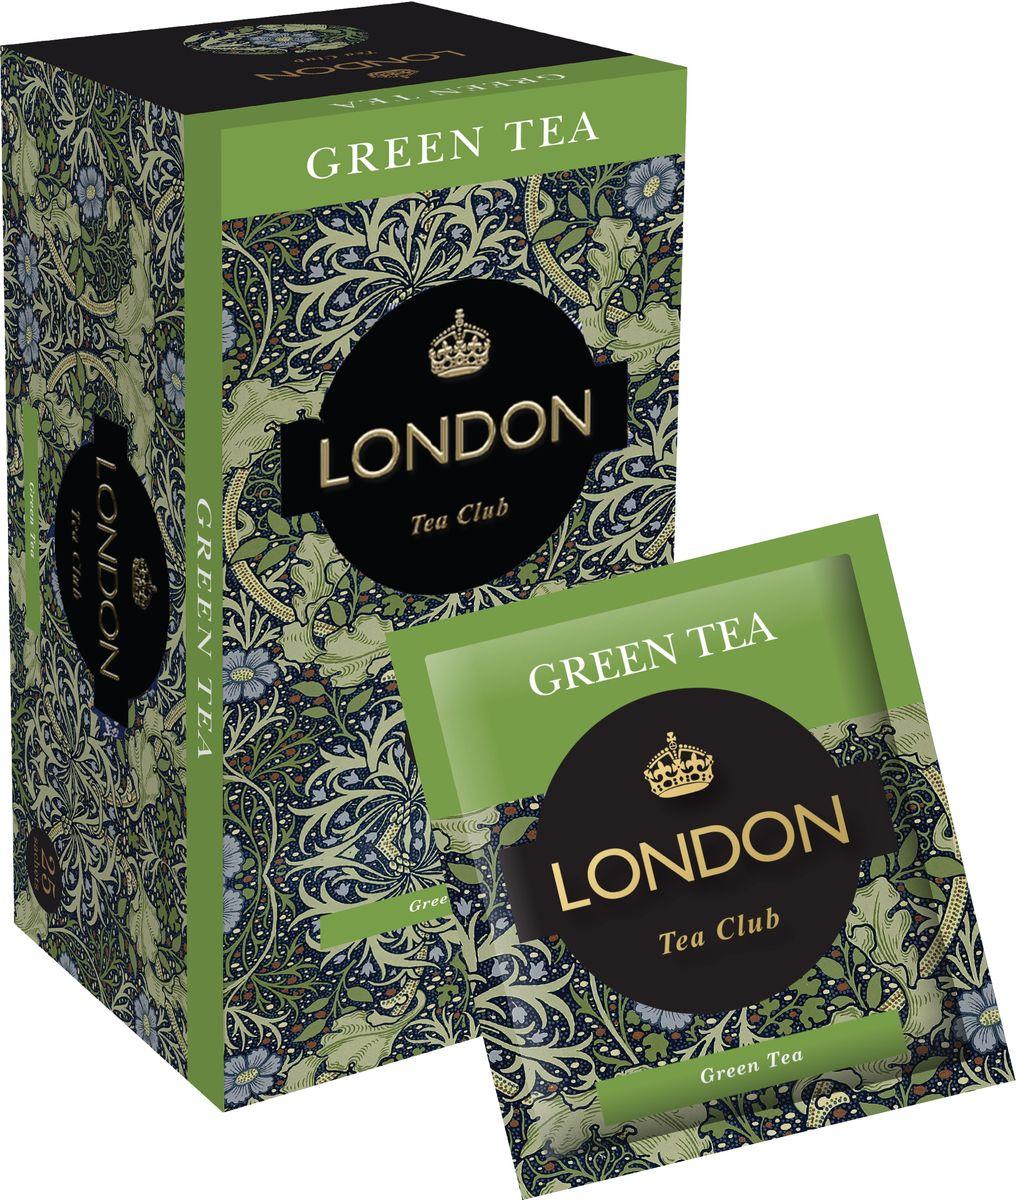 London Tea Club Green Tea в пакетиках, 25 шт китайский anxi tieguanyin tea fresh china green tie guan yin tea натуральное органическое здоровье oolong tea 250 г лучший чай oolong